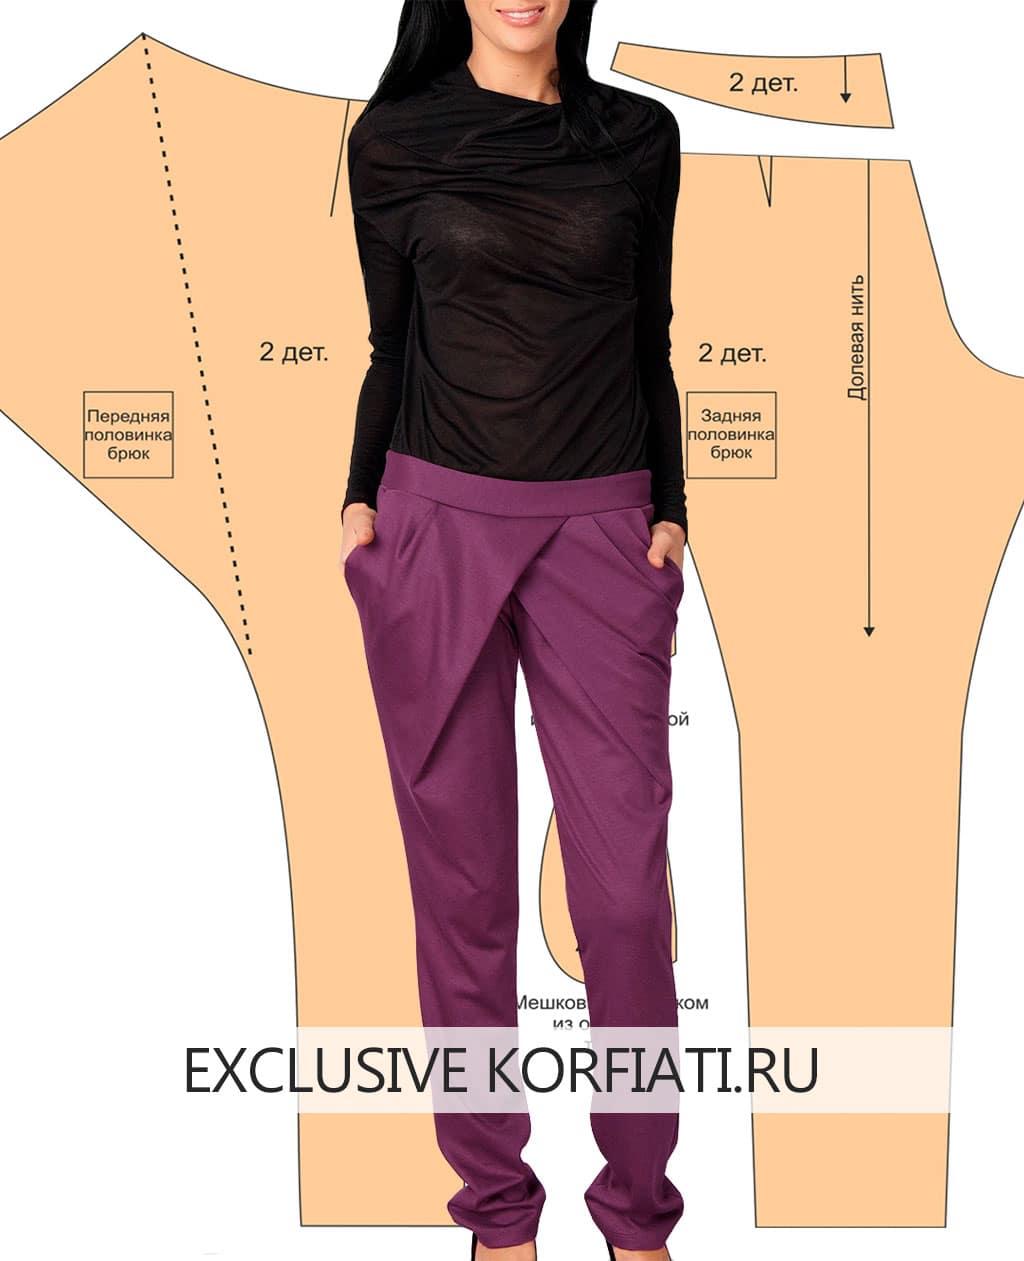 Классические брюки своими руками